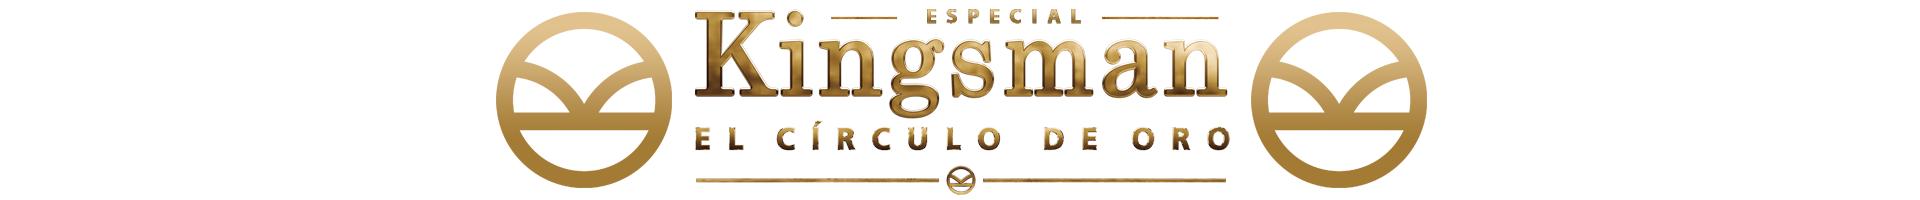 Especial Kingsman El Círculo de Oro